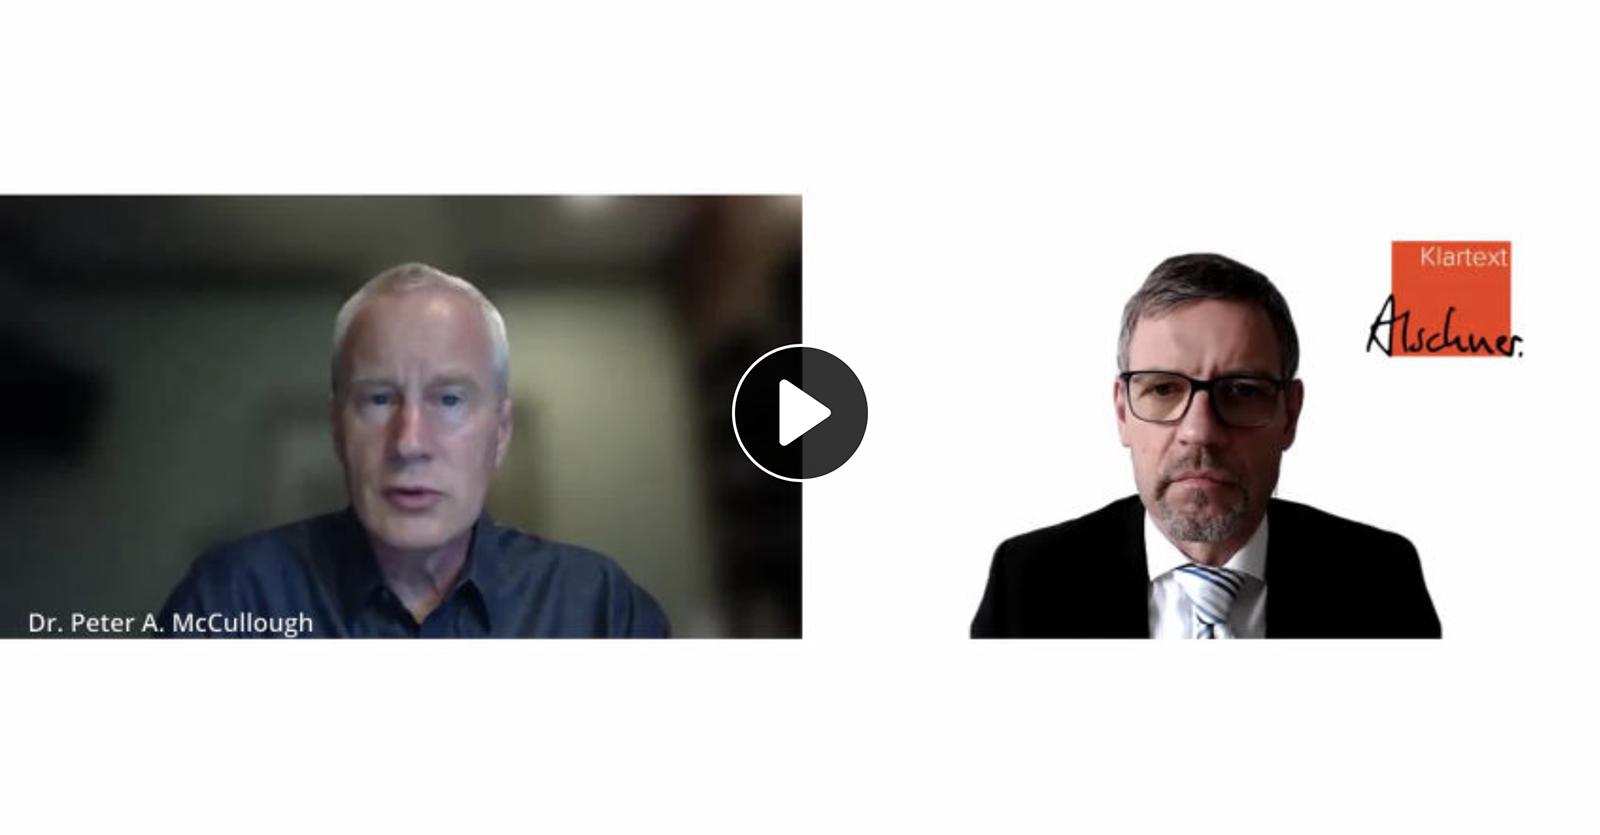 Behandlungsansätze gegen Covid-19 werden unterdrückt, sagt Dr. Peter McCullough